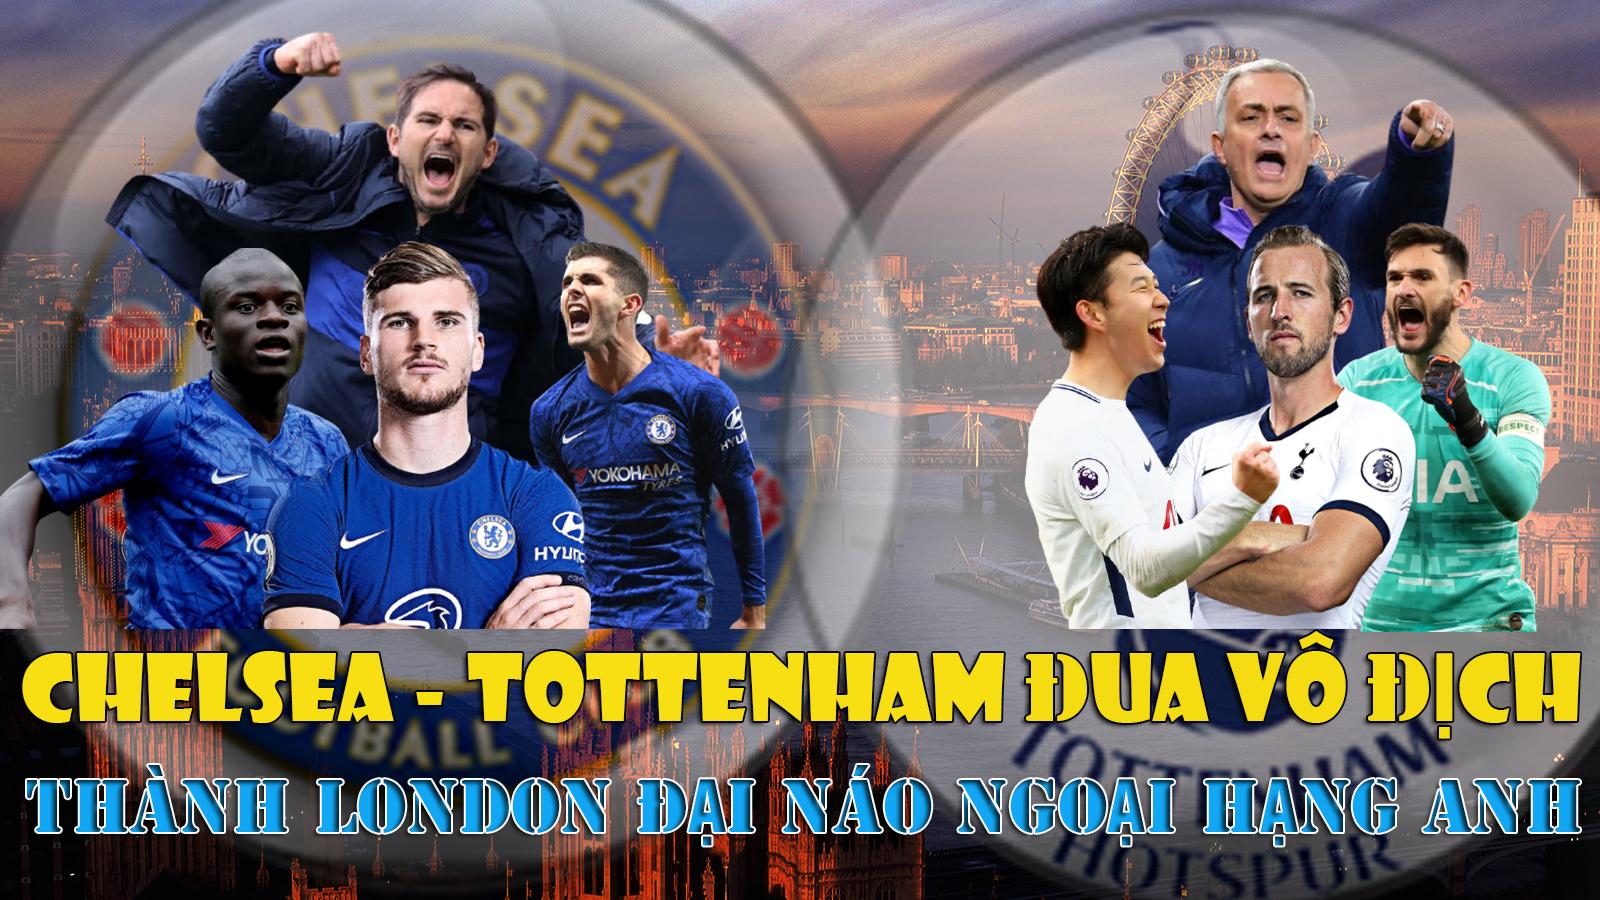 Chelsea – Tottenham đua vô địch: Thành London đại náo Ngoại hạng Anh - 1